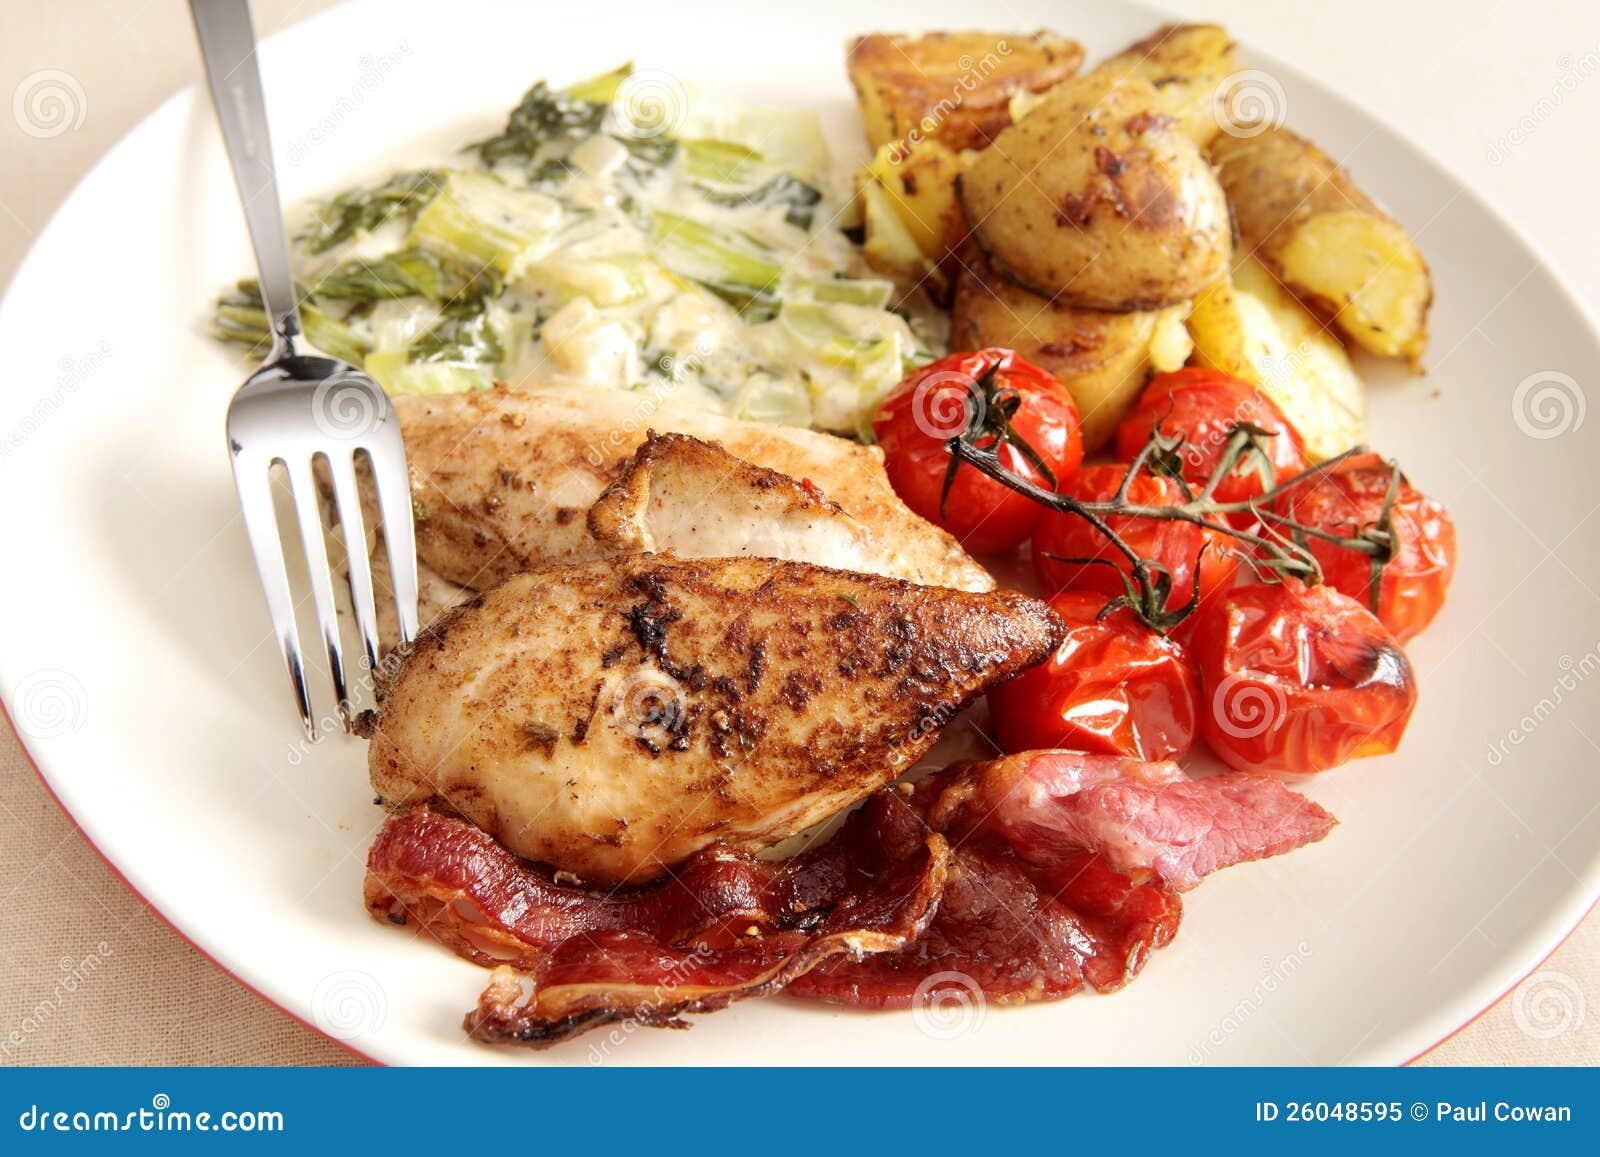 Ideas de comida de pechugas de pollo